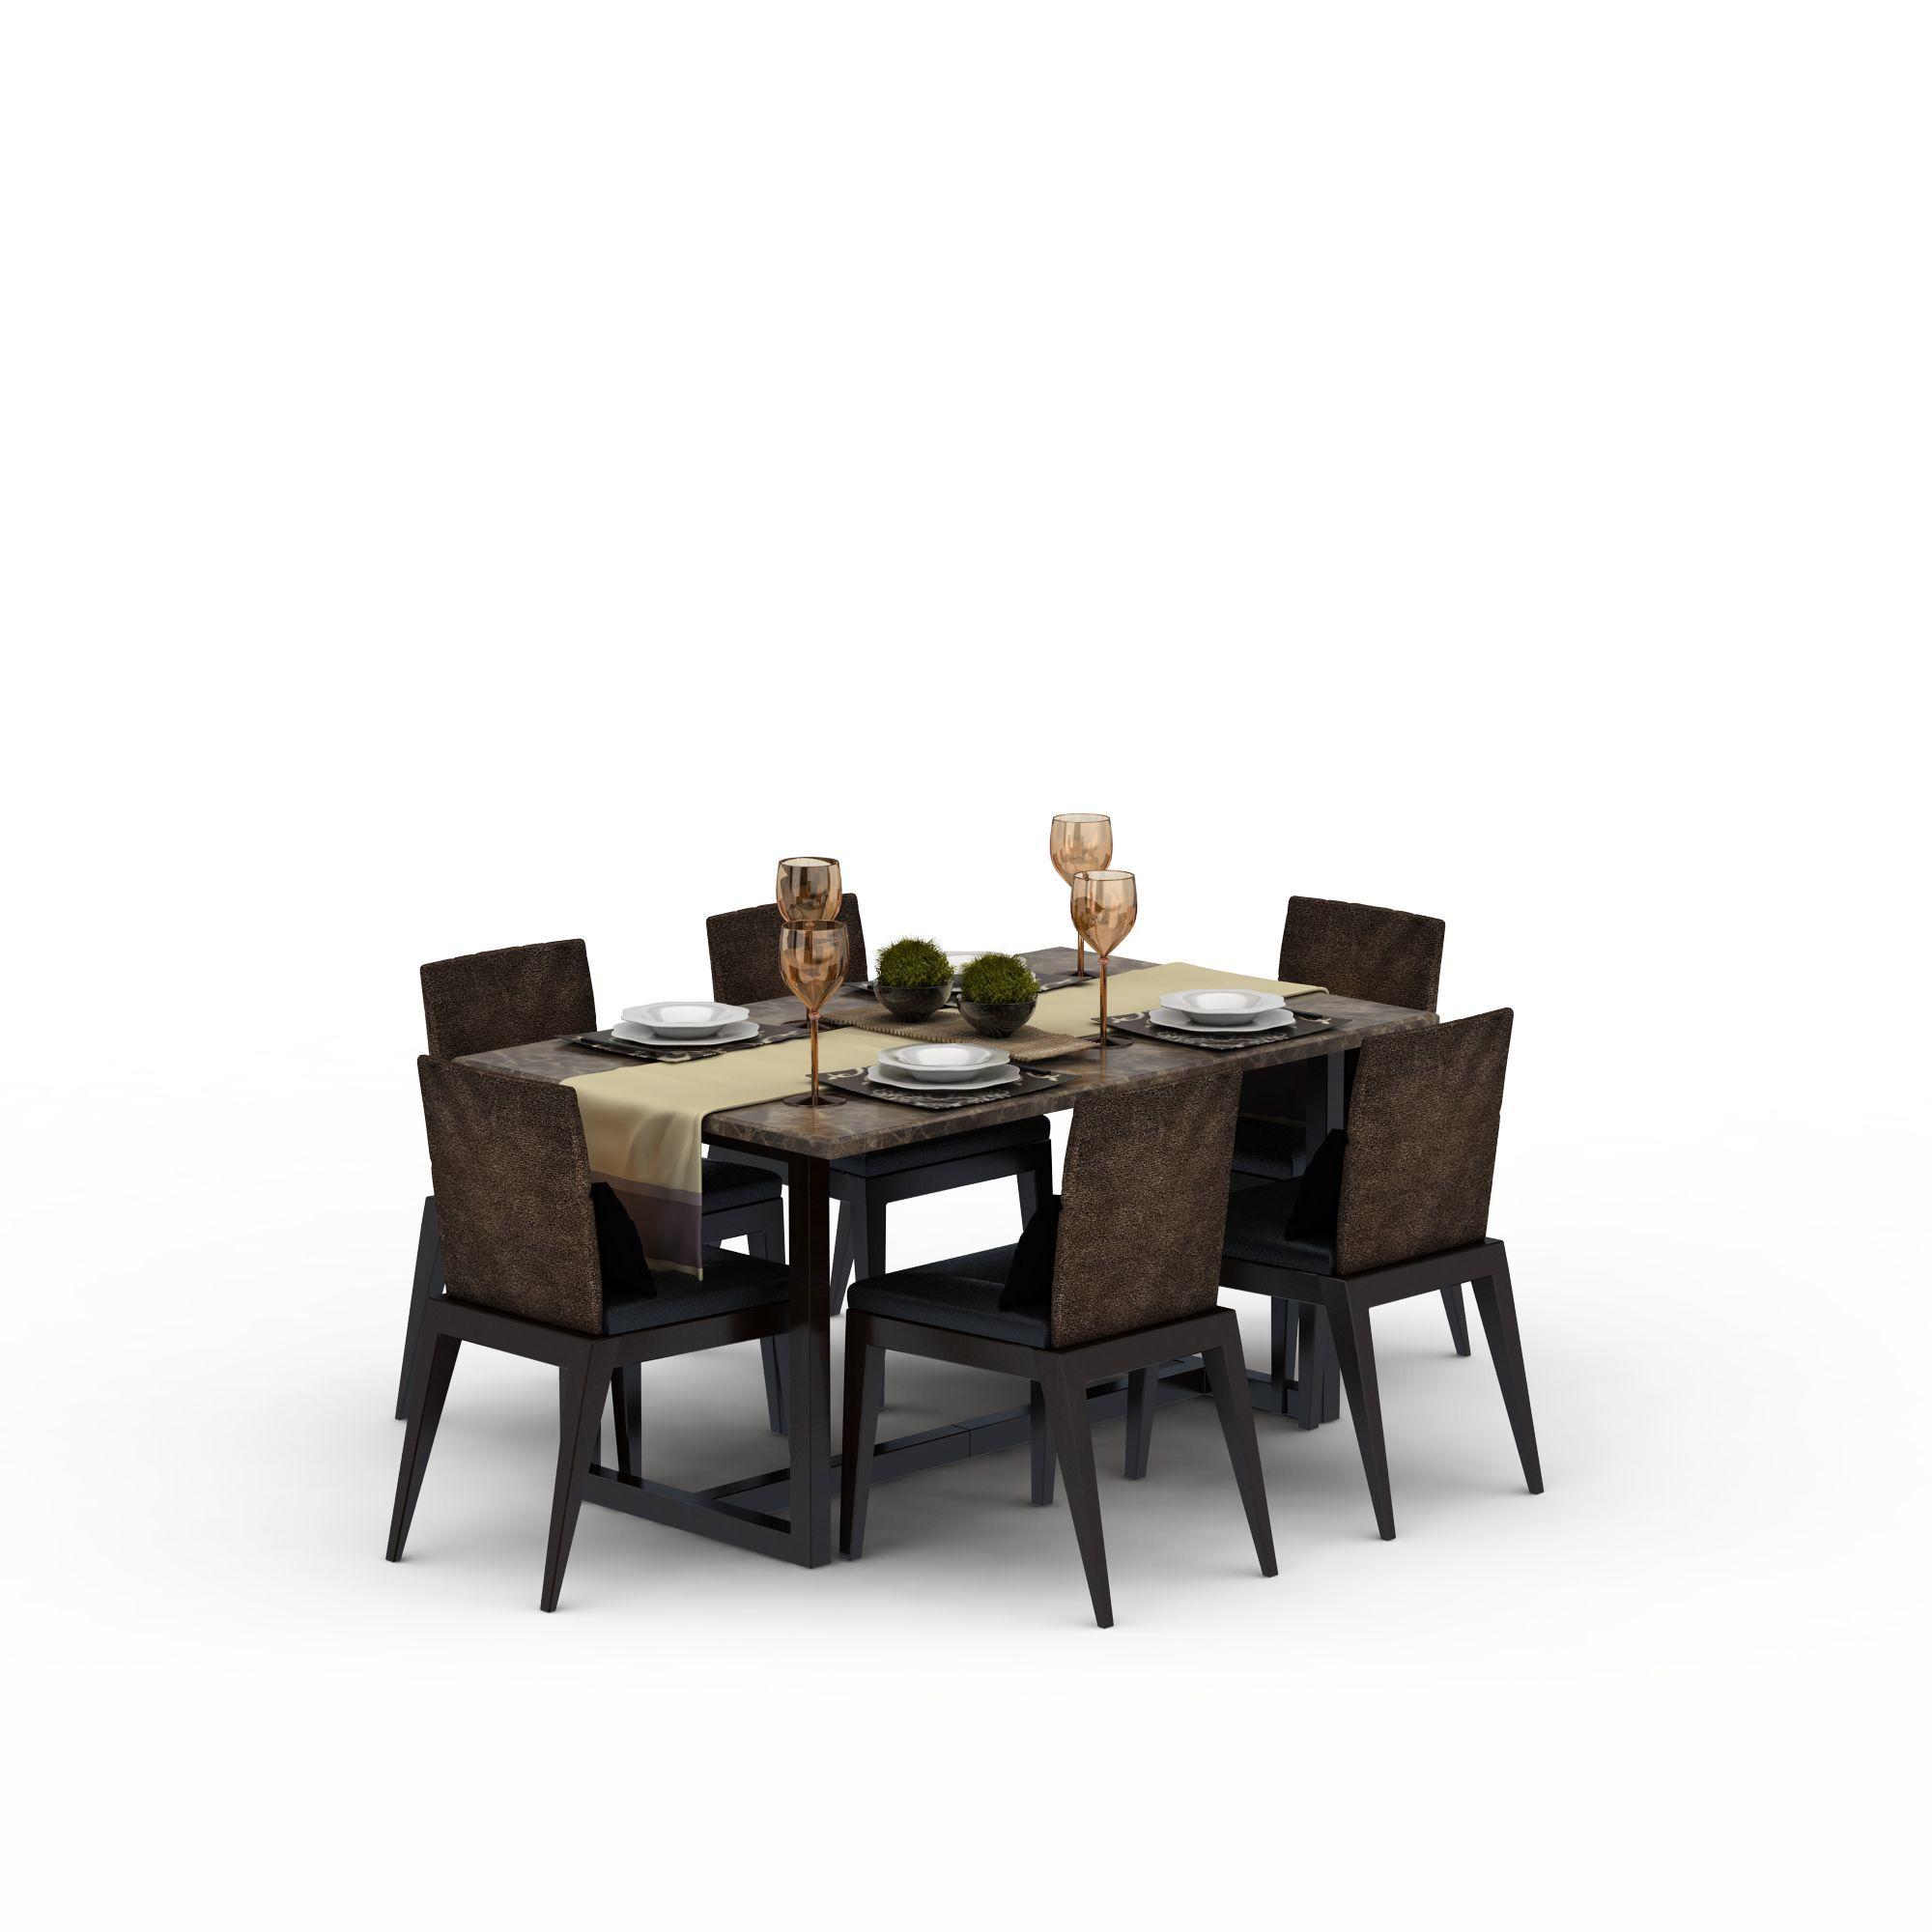 中式餐桌组合图片_中式餐桌组合png图片素材_中式餐桌